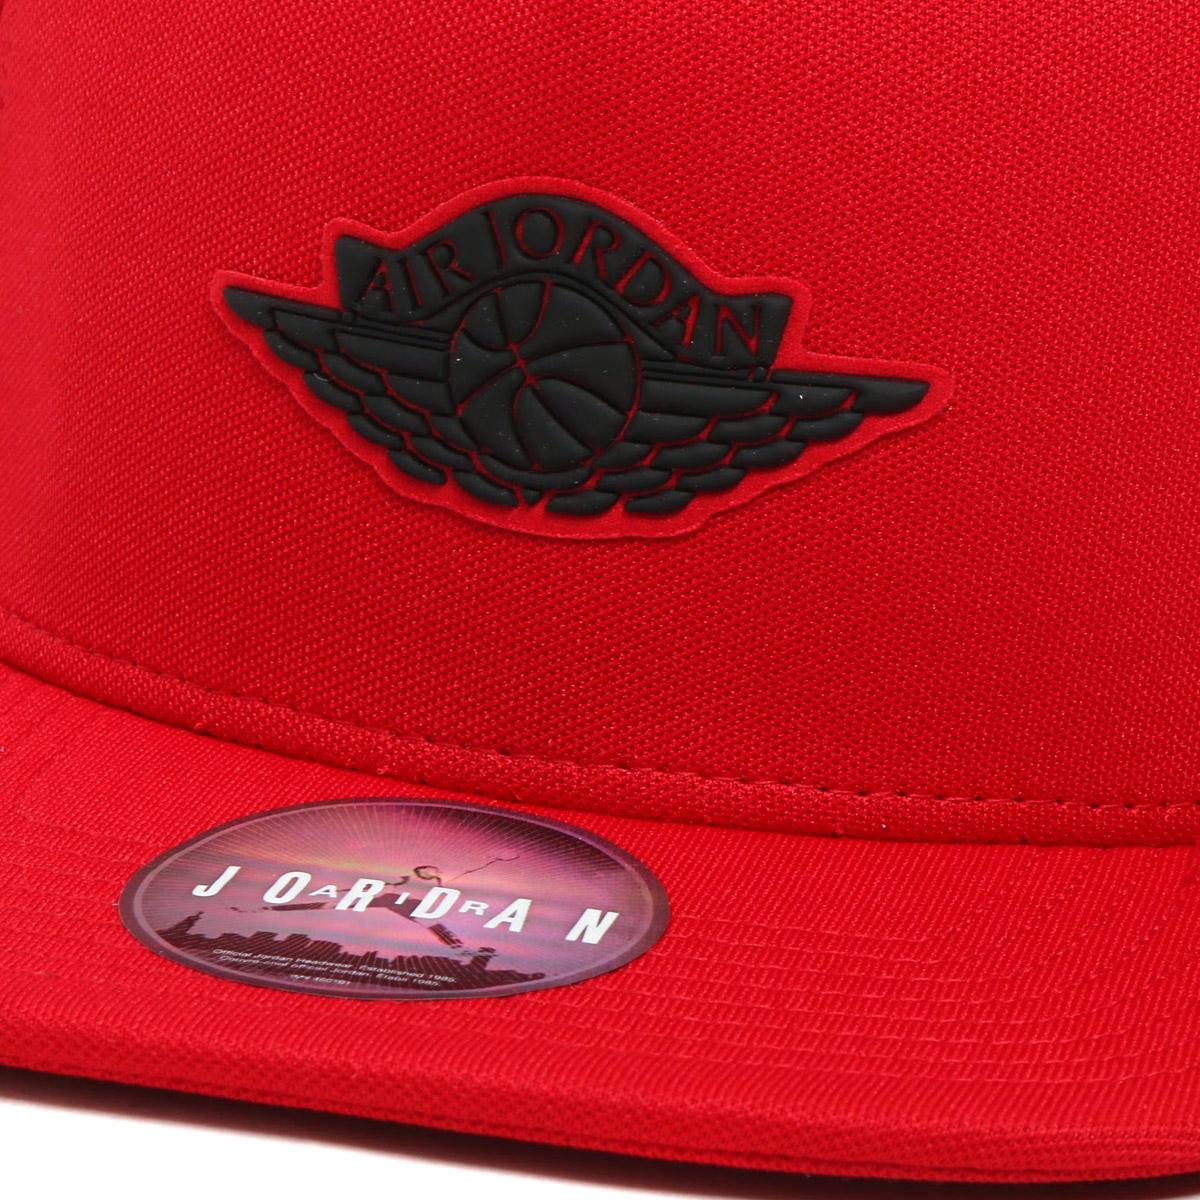 NIKE JORDAN WINGS STRAPBACK (Jordan WINGS strap back cap) GYM RED BLACK  17FA-I cdd7cae30b4